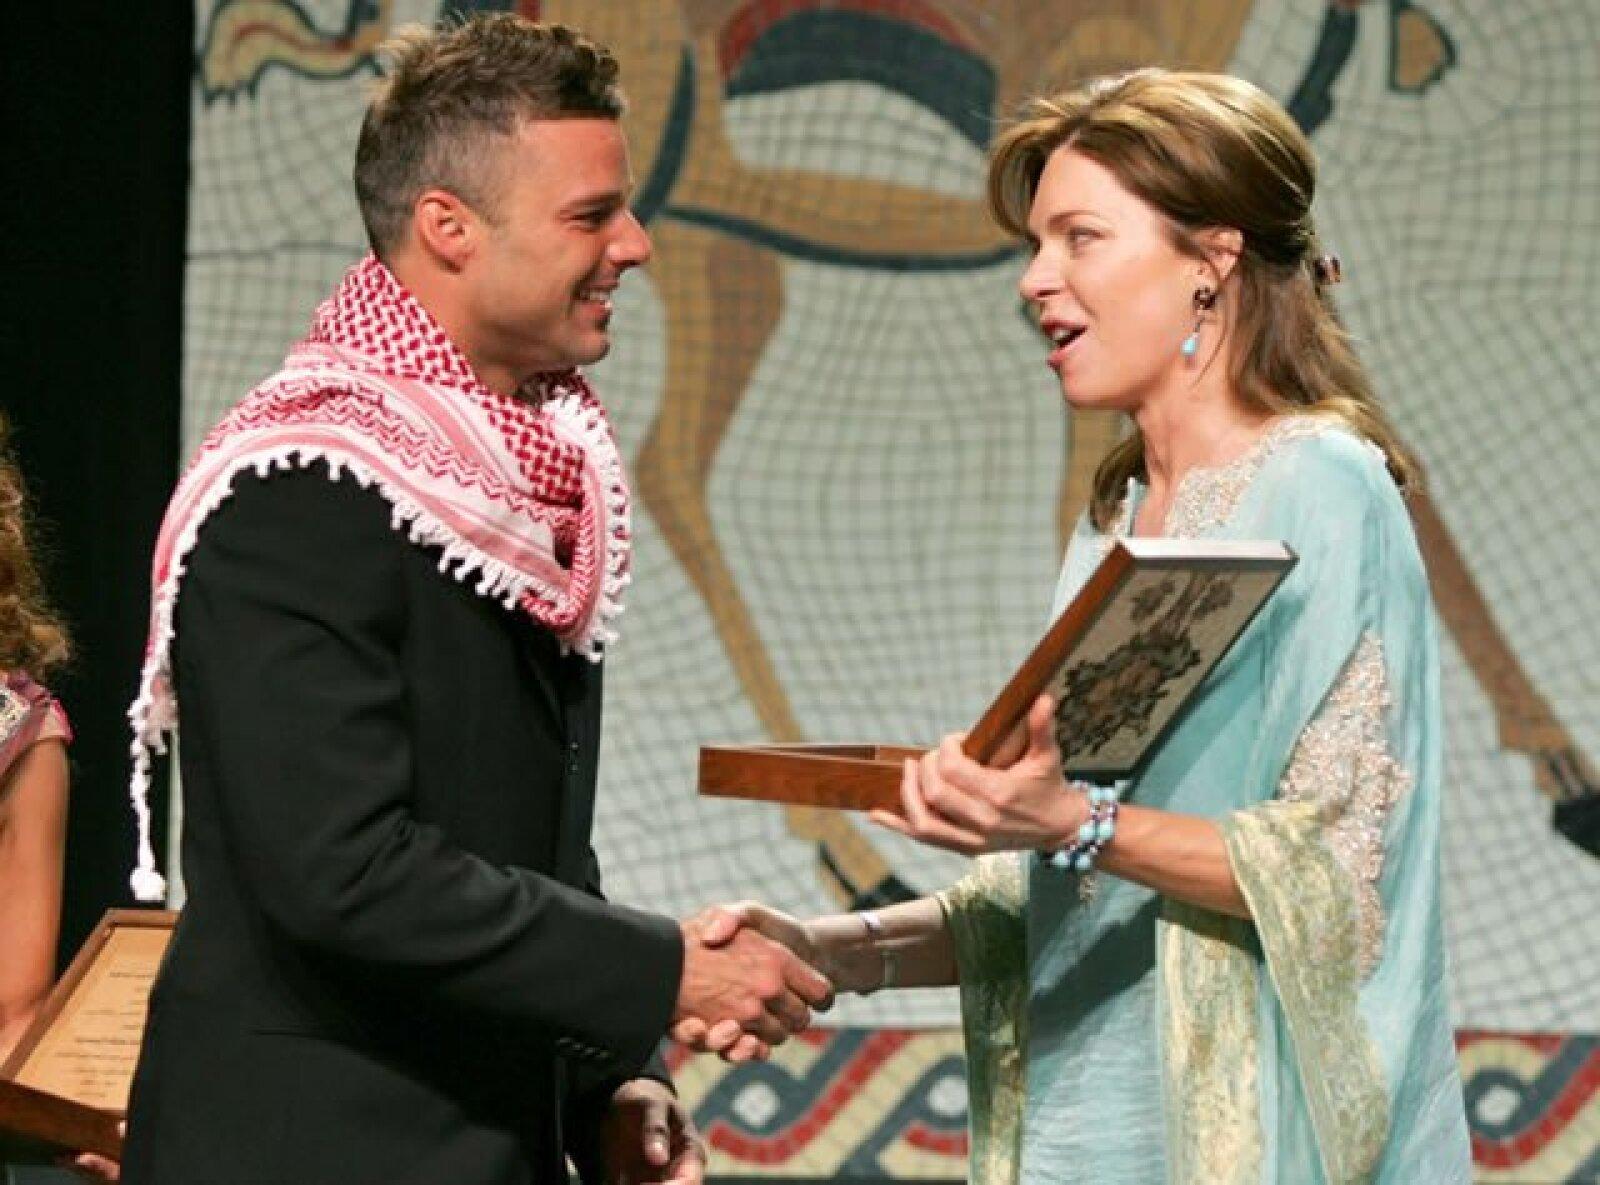 Como embajador de la UNICEF, Ricky Martin recibió por parte de la reina un regalo en la ceremonia de apertura del congreso a favor de los niños en Amman en 2005.